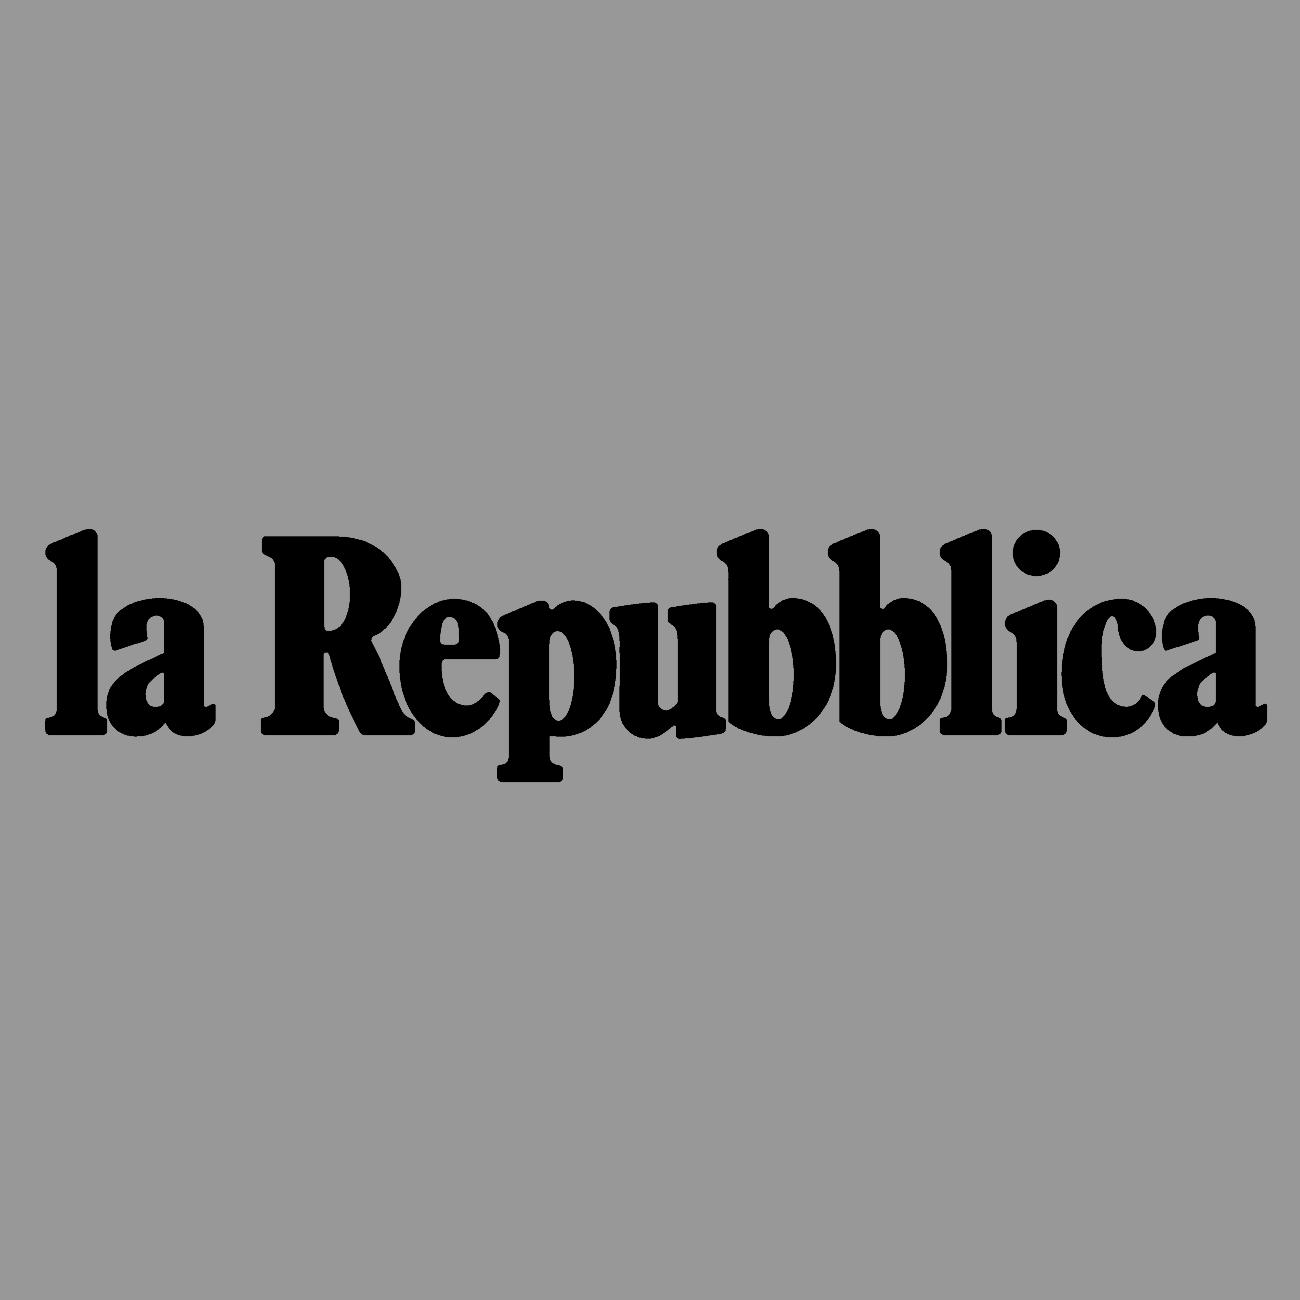 La_Repubblica_logo-2